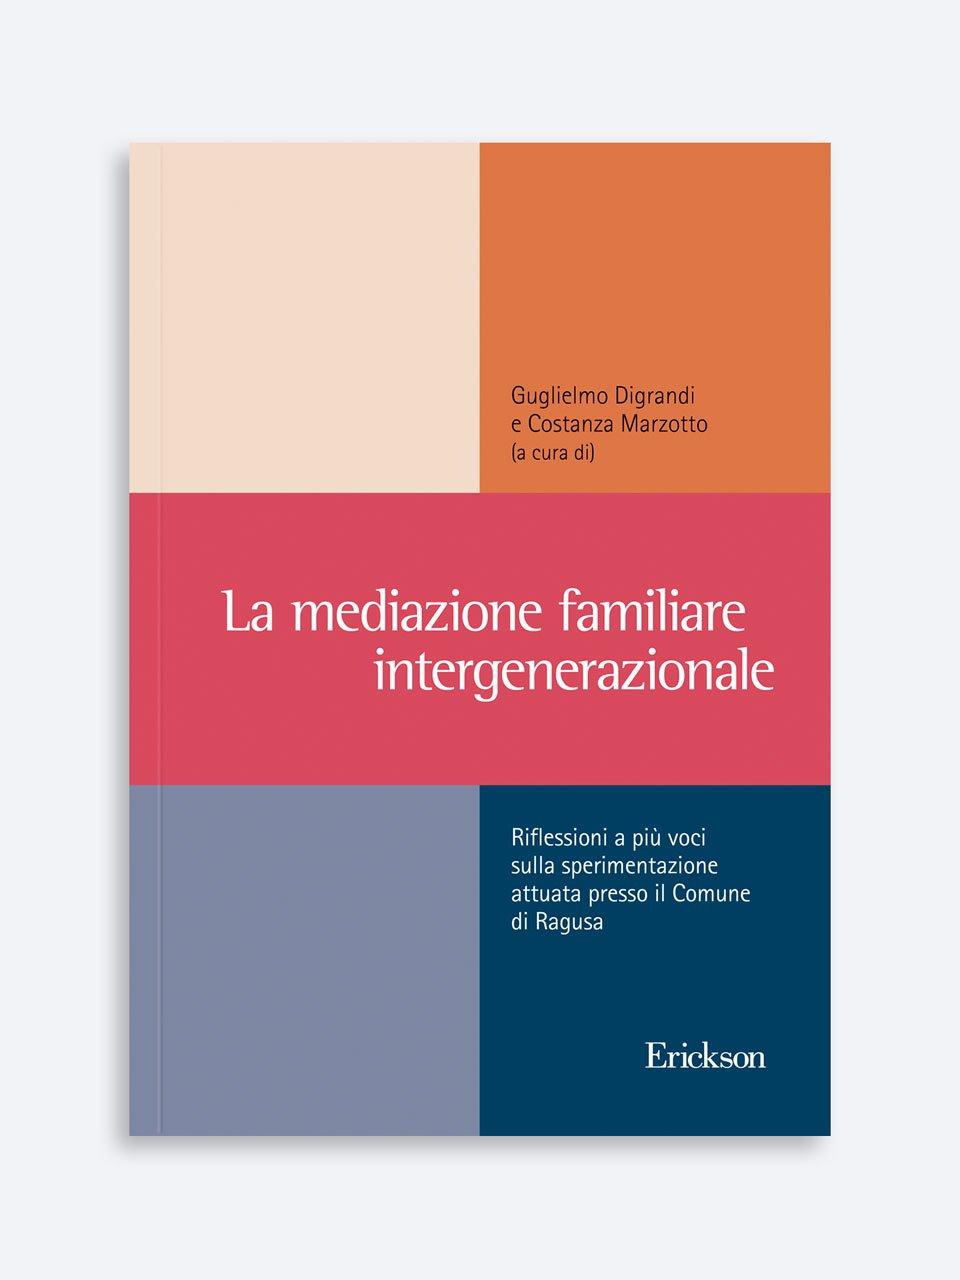 La mediazione familiare intergenerazionale - Una badante in famiglia - Libri - Erickson